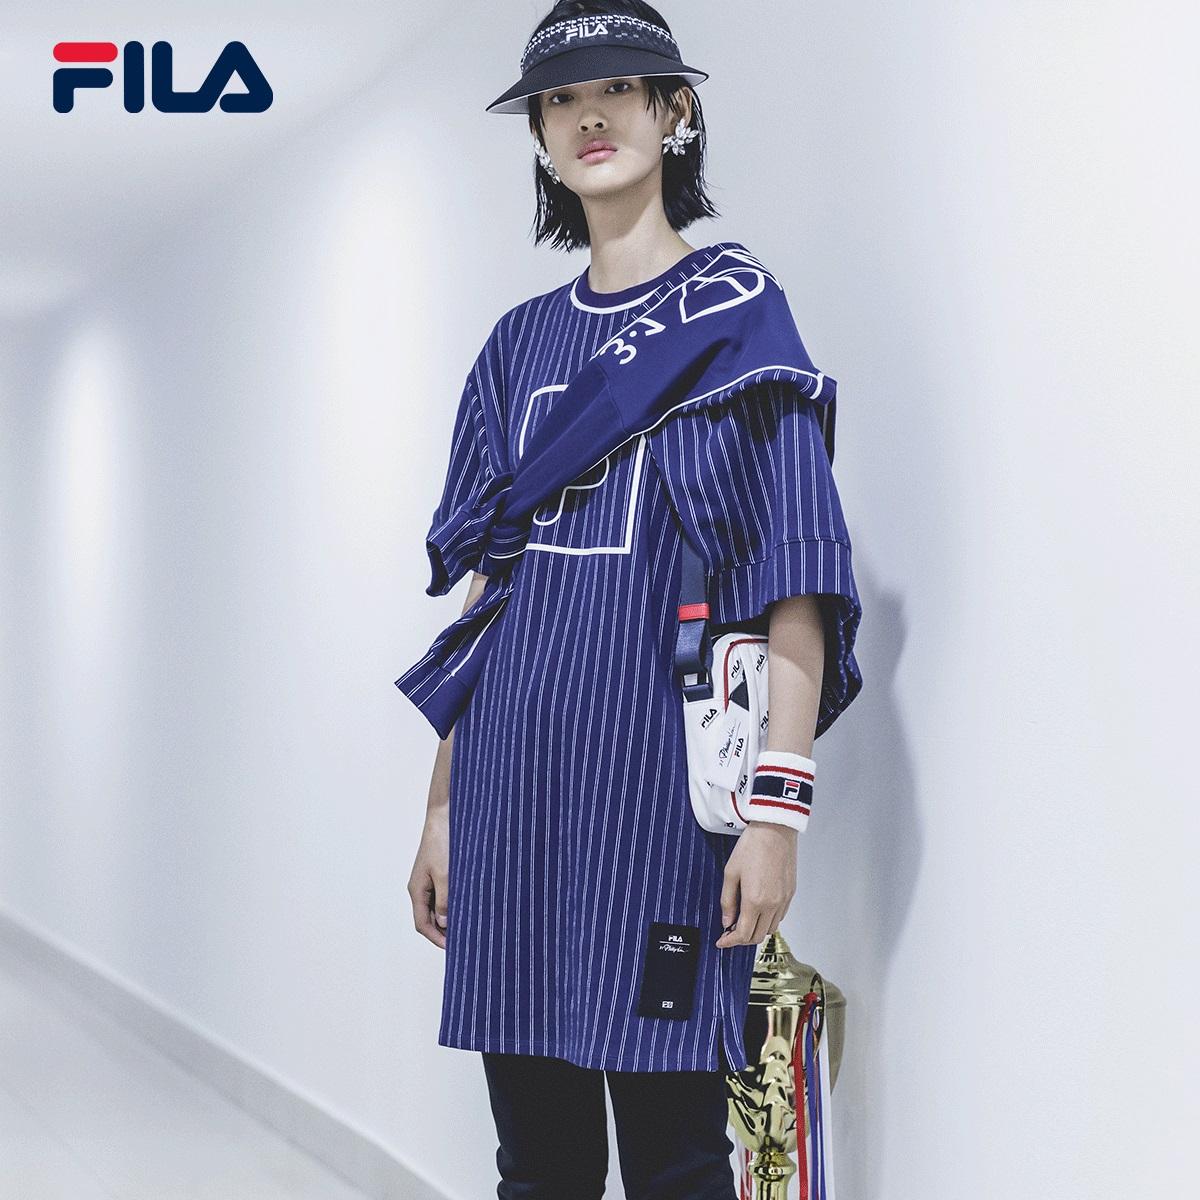 FILA X 3.1 Phillip Lim 女子连衣裙2019春Fila/斐乐 F11W916302F